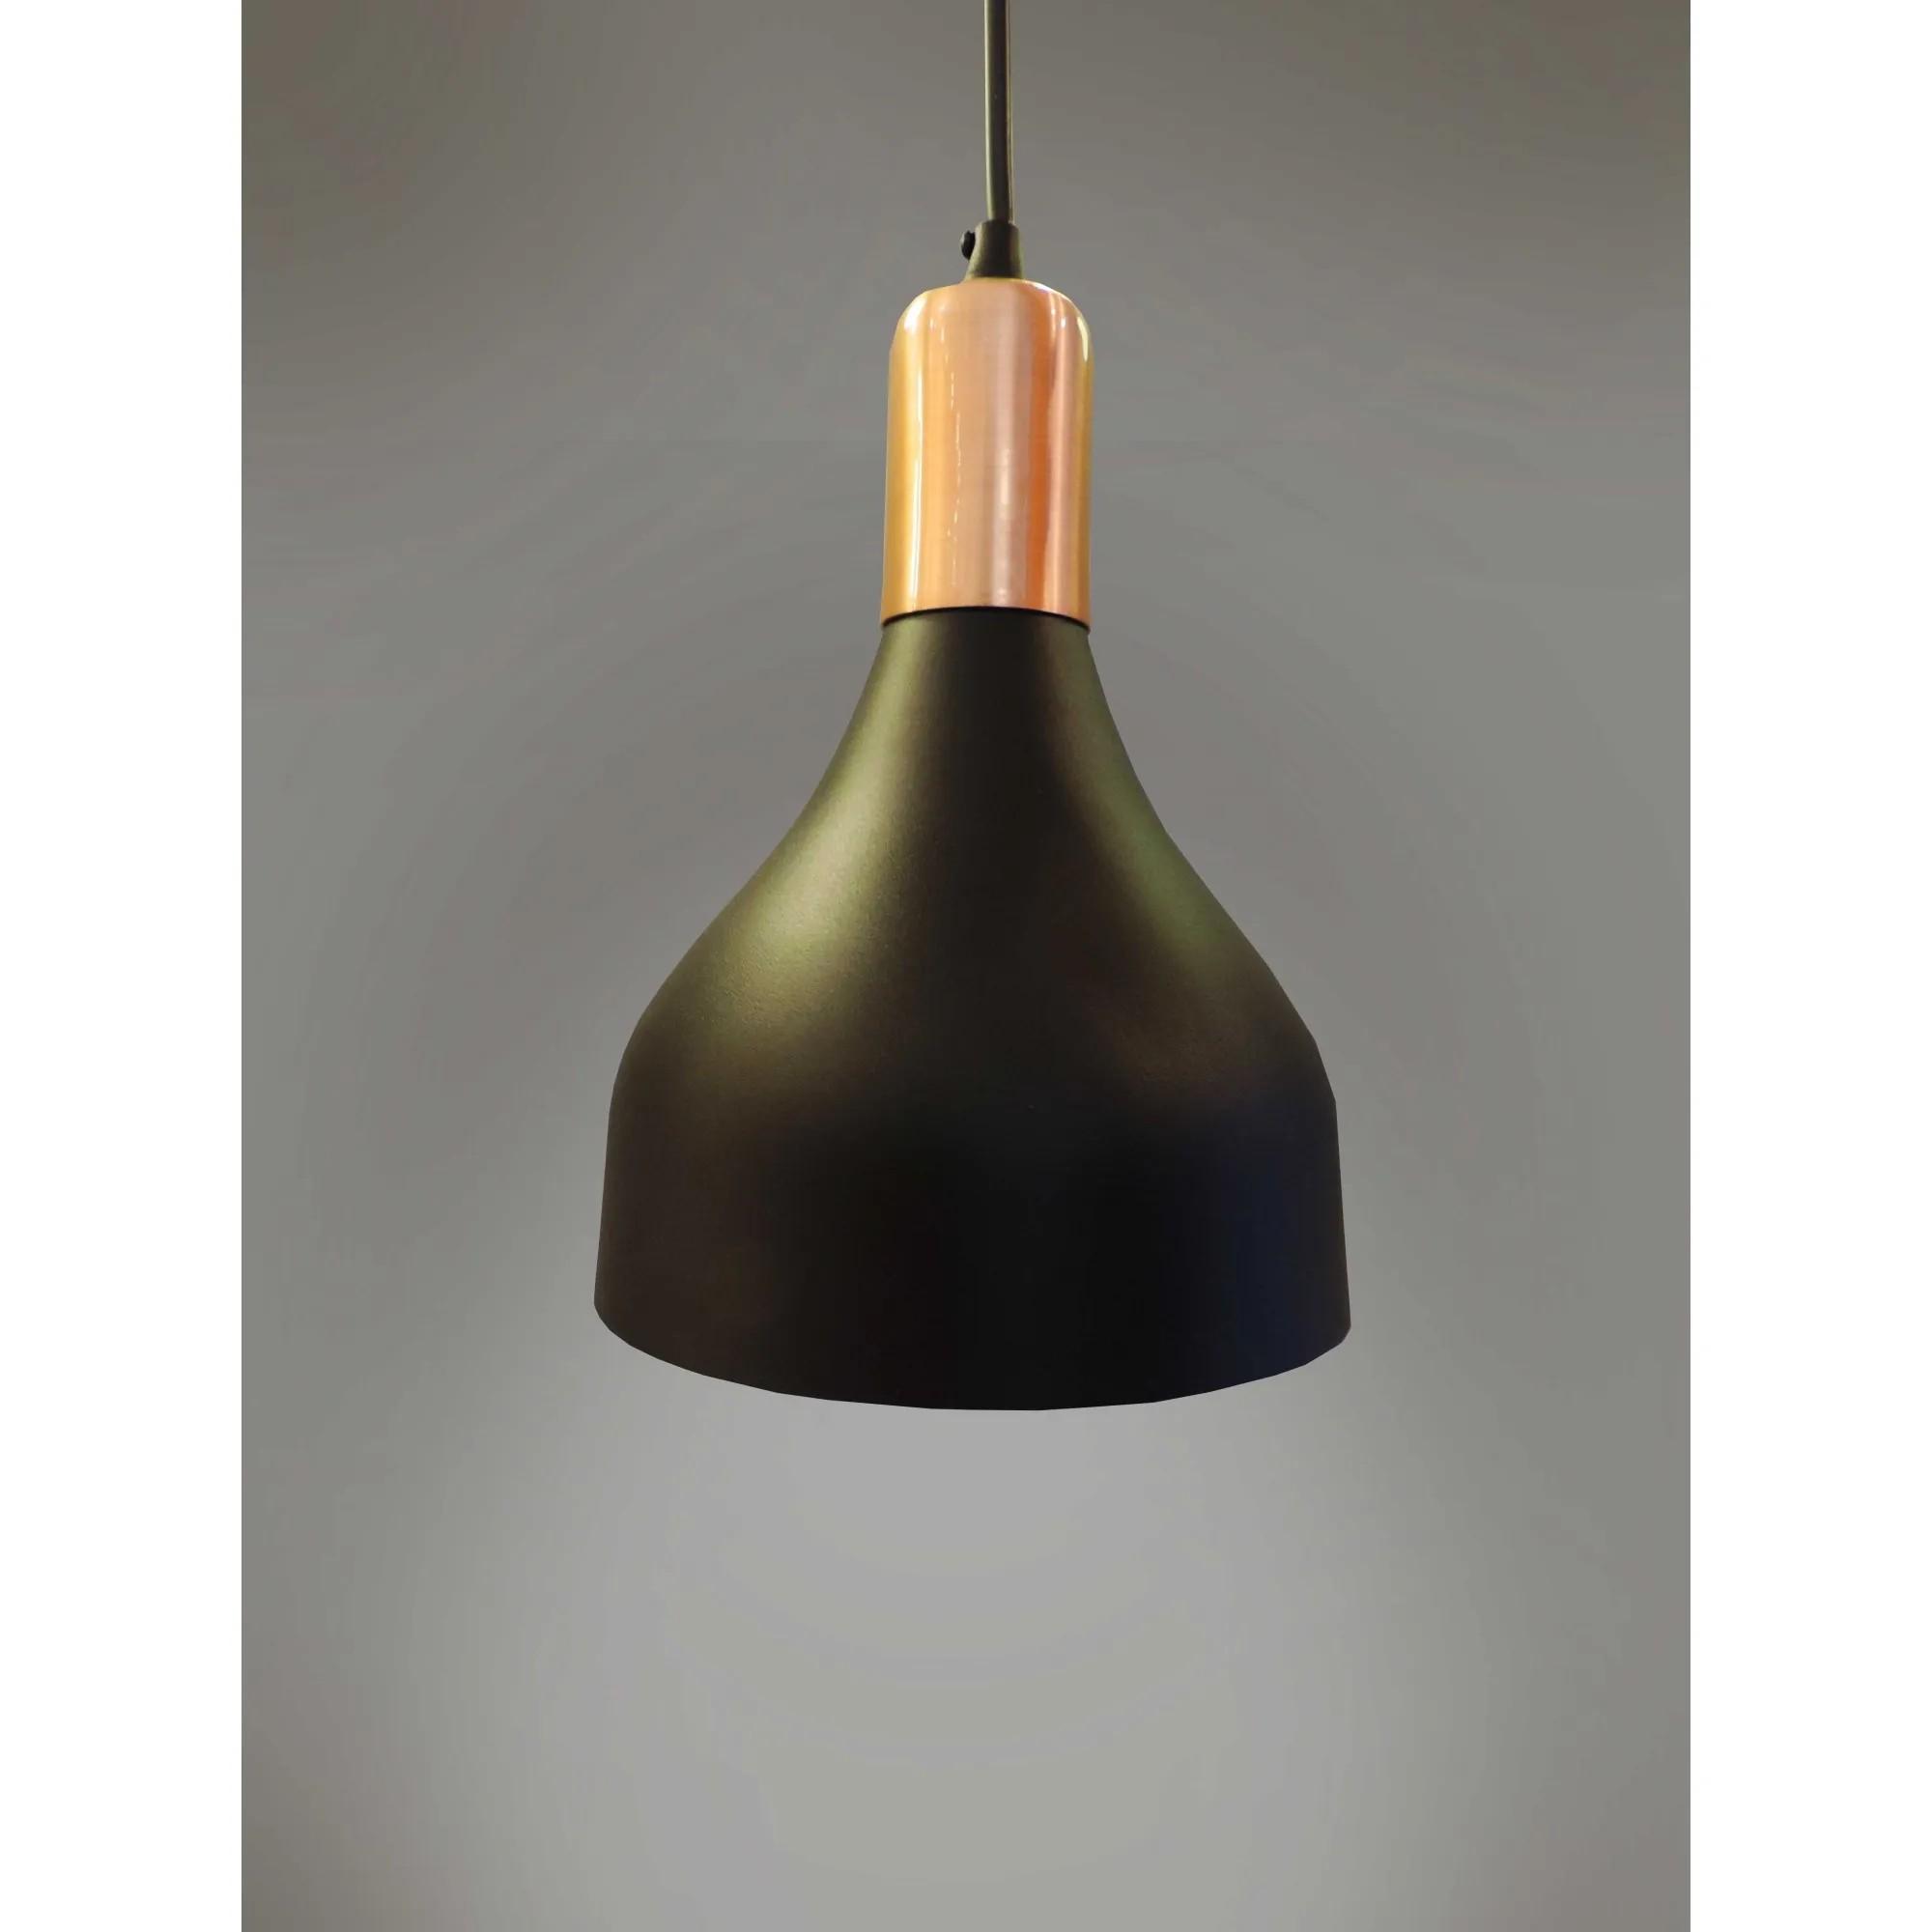 Pendente lustre Berlim Premium preto/cobre Ø15,5cm x 20cm